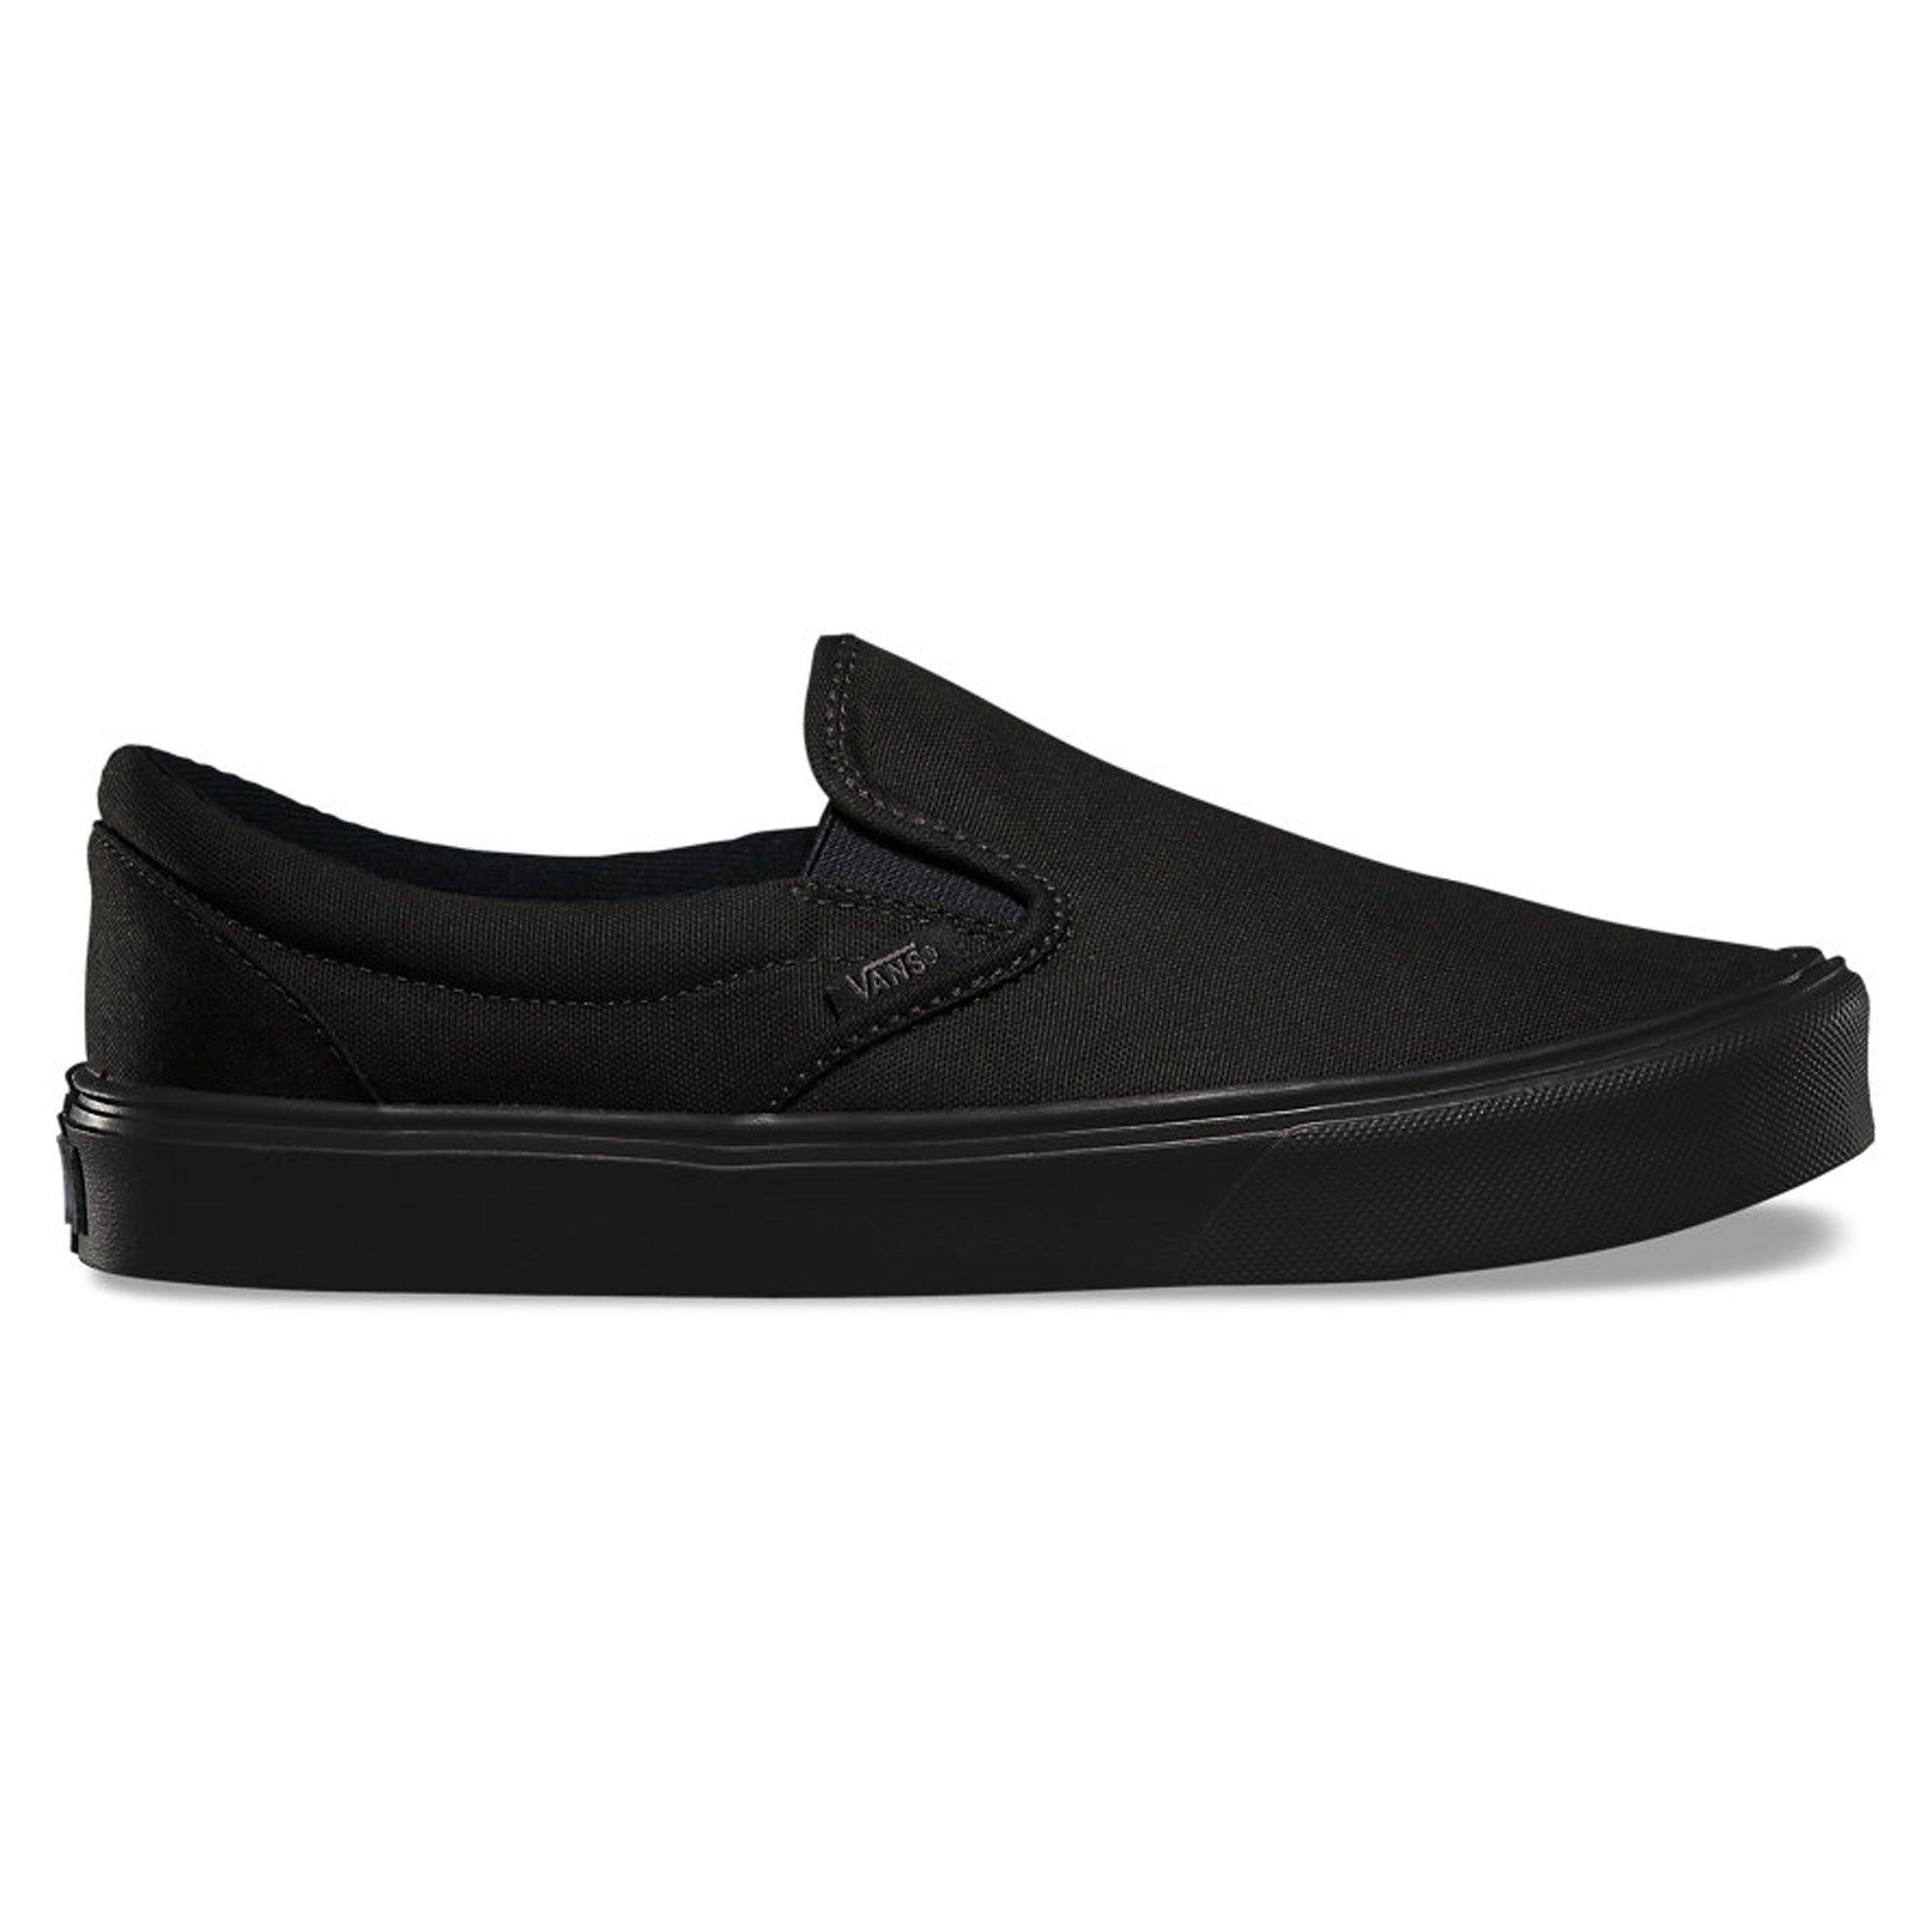 c0a9c012d7 Galleon - Vans Men s Black Canvas Slip On - 7.5 D(M) US